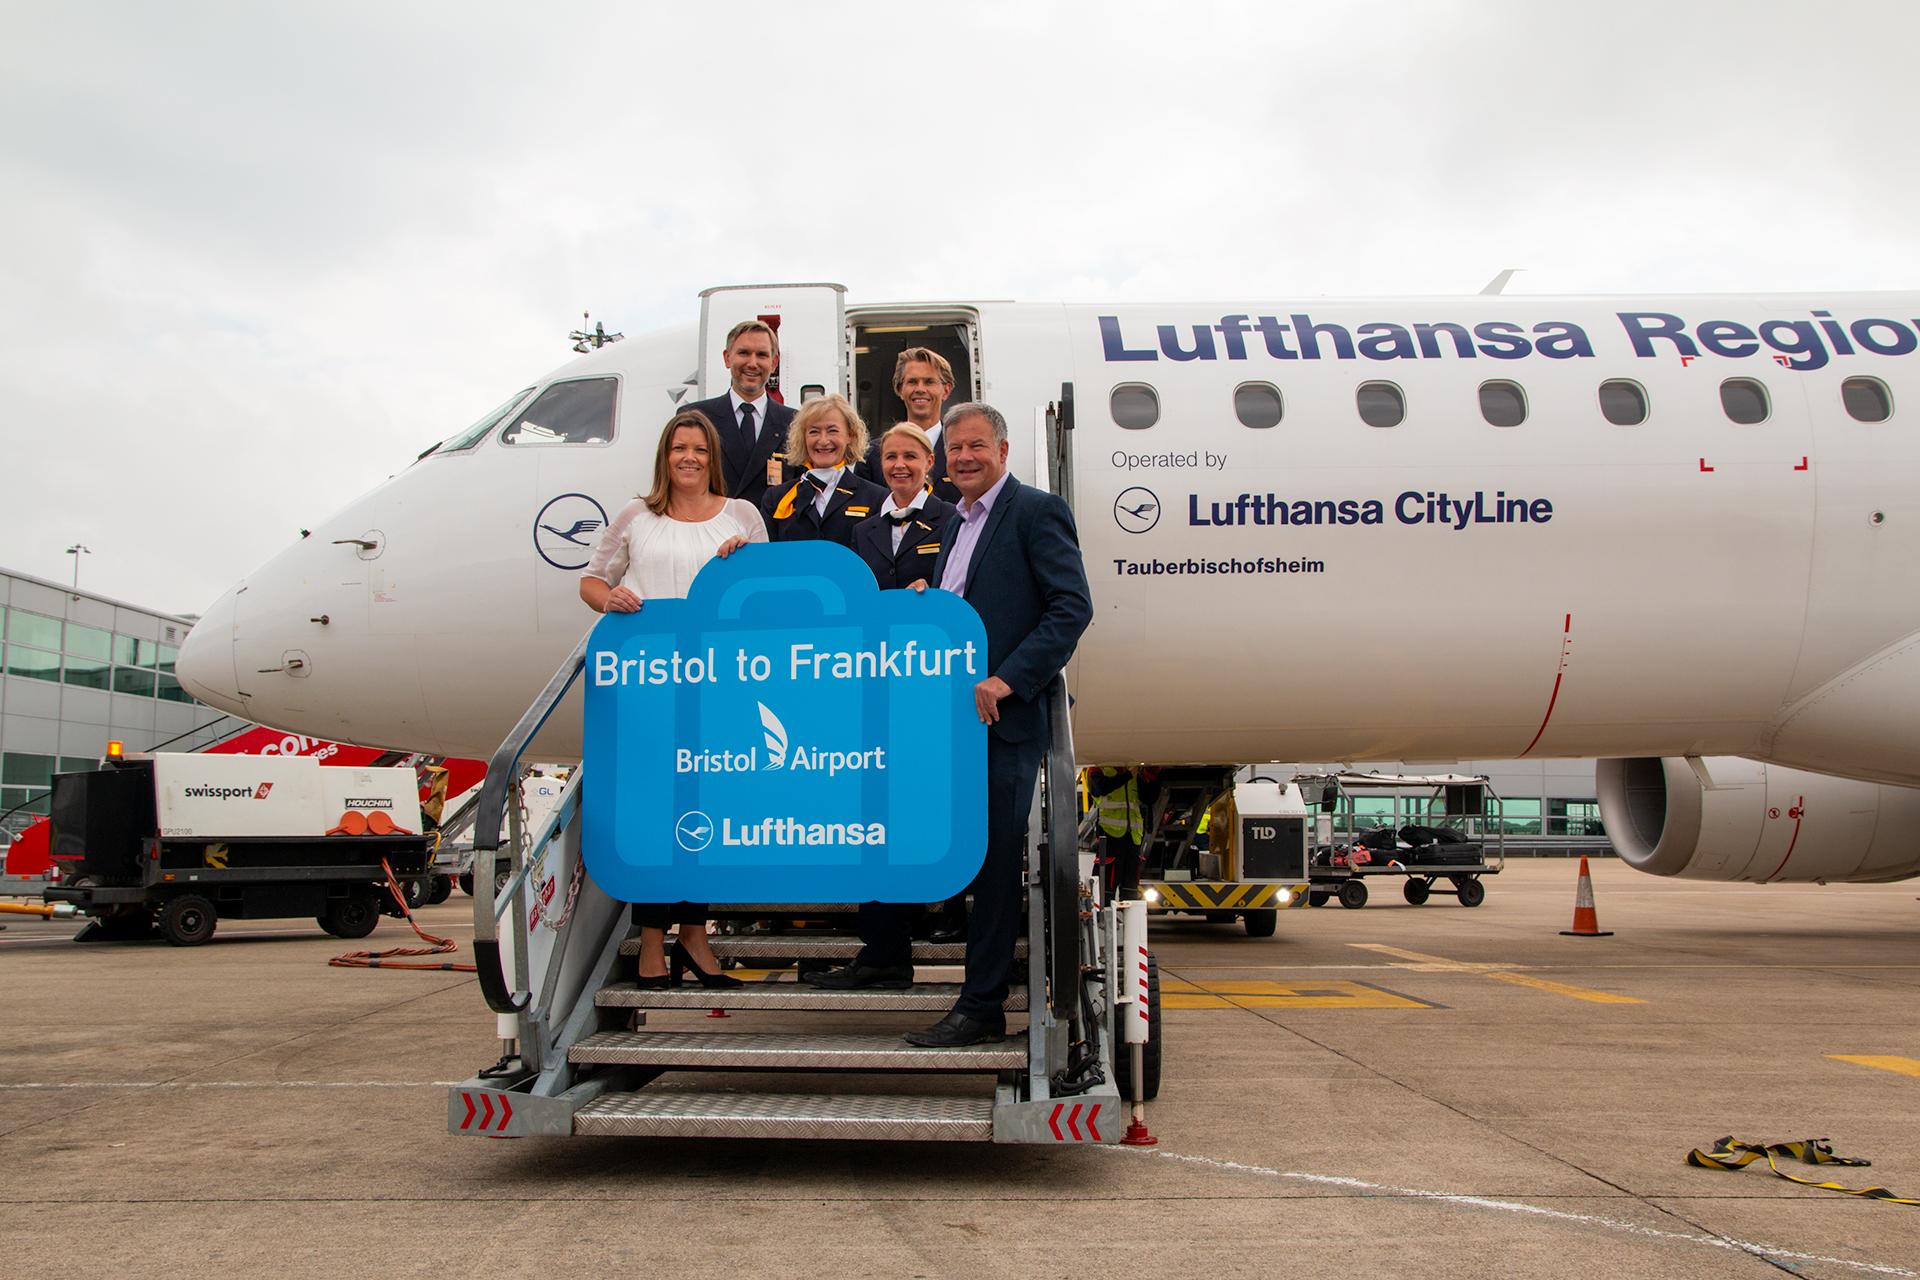 Lufthansa, Lufthansa CityLine, Bristol